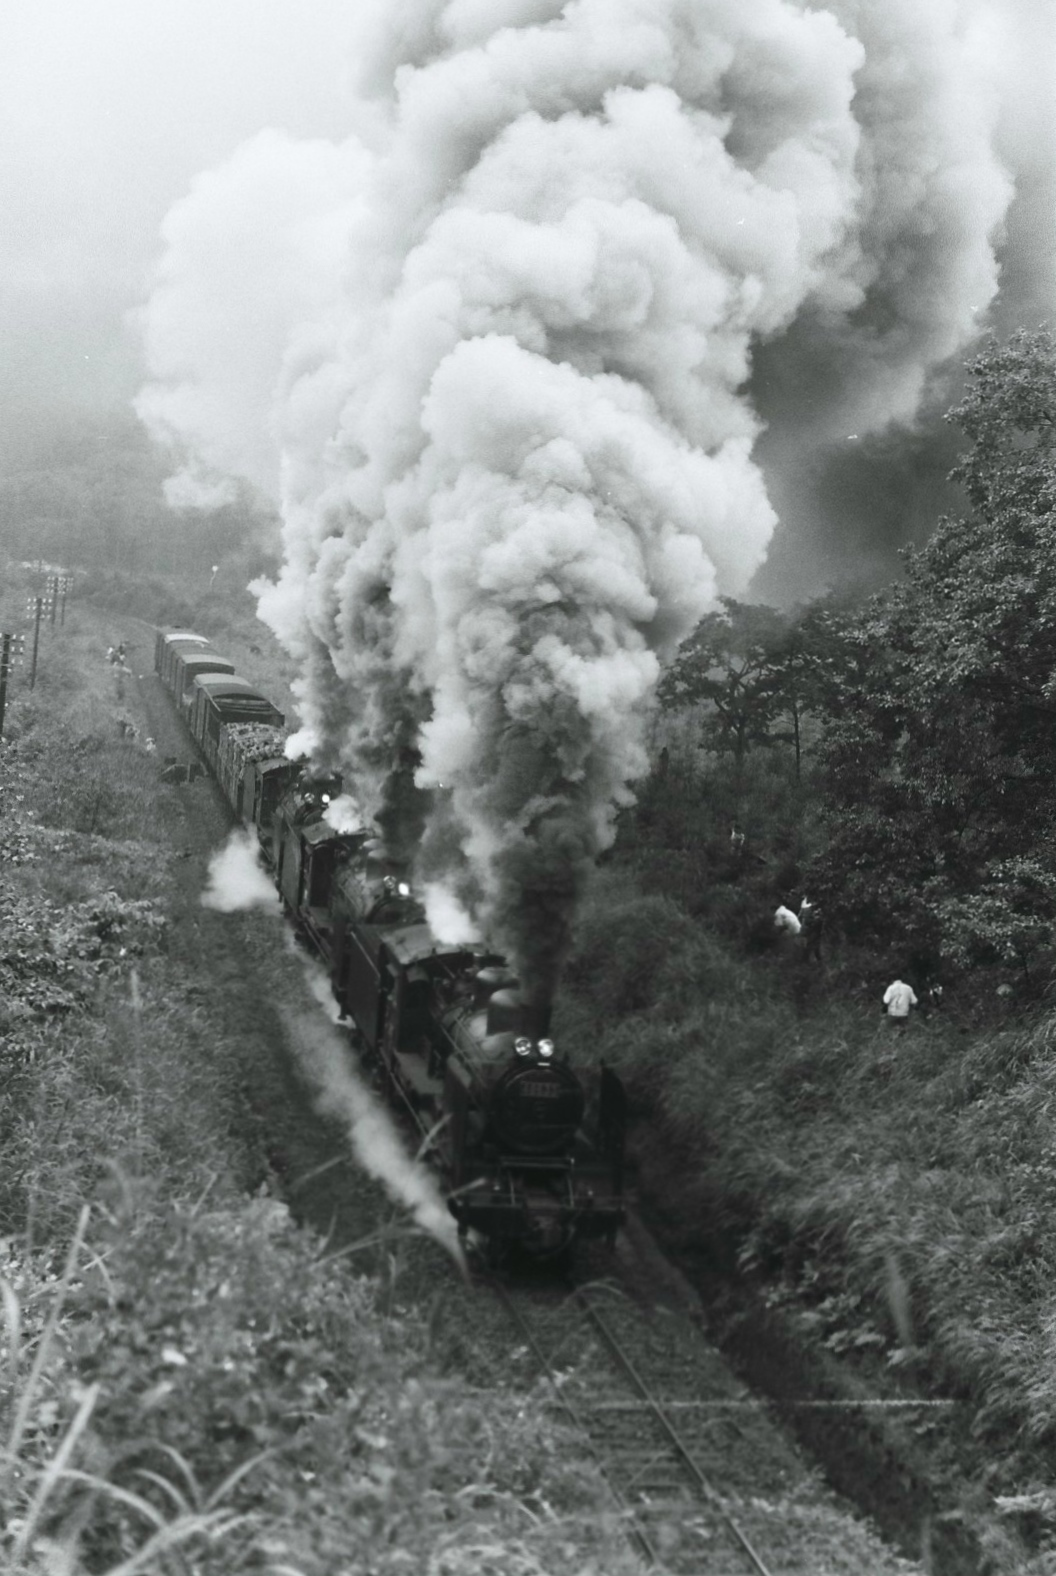 花輪線で運転されていた、8620形三重連による貨物列車です。花輪線は安比高原駅付近を頂上に33パーミルの勾配があり、ここを越える長編成の貨物列車は、機関車を複数両連結した重連で運転されていました。列車によっては3両連結した三重連での運転もあり、多くのファンを引きつけていたようです。1968年に東北本線が全線電化され、沼宮内(現:いわて沼宮内)~一戸間の十三本木峠越えからC61形などのSL三重連が去った後は、この花輪線の龍ヶ森付近がファンにとっての「聖地」となっていました。この写真が撮影されたのは、1971年の7月。花輪線はこの年の秋に無煙化され、蒸気機関車のドラフト音は八幡平から去っていったのでした。花輪線が無煙化され、全列車が気動車に置き換えられた後も、勾配との闘いは続きました。同線には八戸線のような平坦線で使用されていた1エンジン搭載車のキハ40系ではなく、エンジンを2つ搭載したキハ55系やキハ58系が投入されていました。2007年以降に水郡線から転属したキハ110系の導入により車両性能の向上が図られましたが、かつて蒸気機関車を苦しめた勾配は、今も変わらず花輪線の難所として健在です。